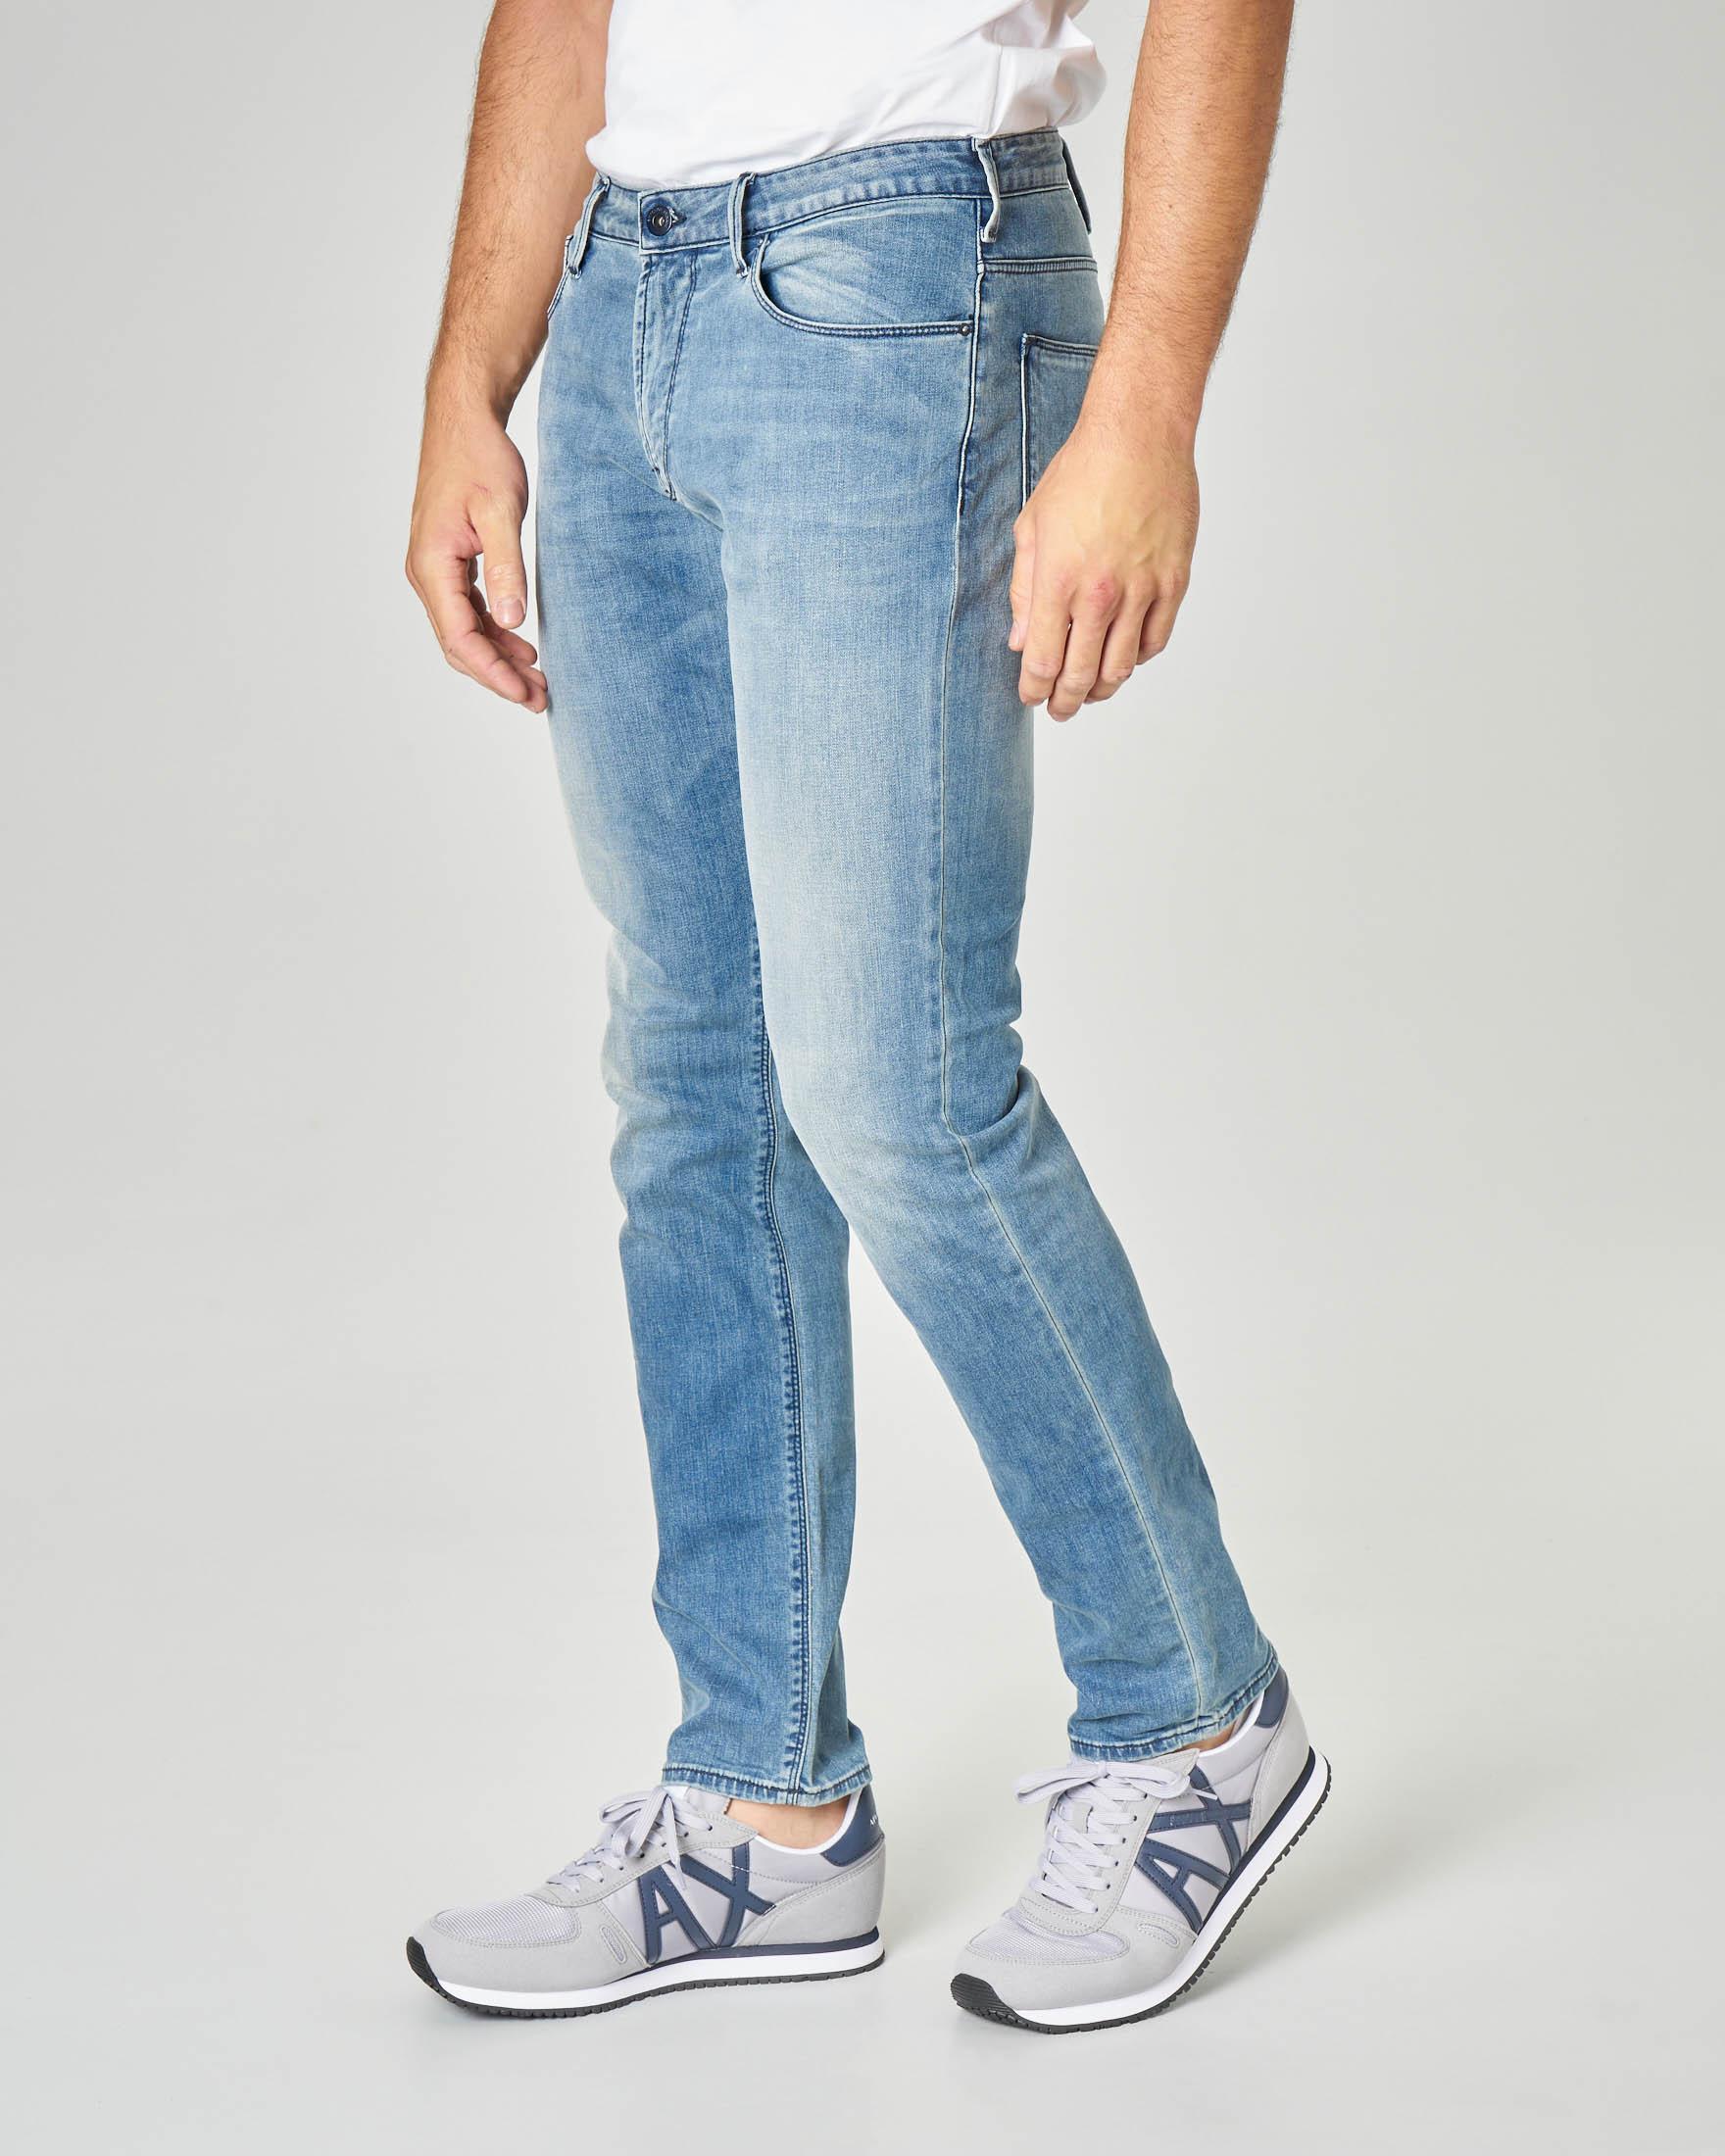 Jeans J06 slim-fit lavaggio super stone wash